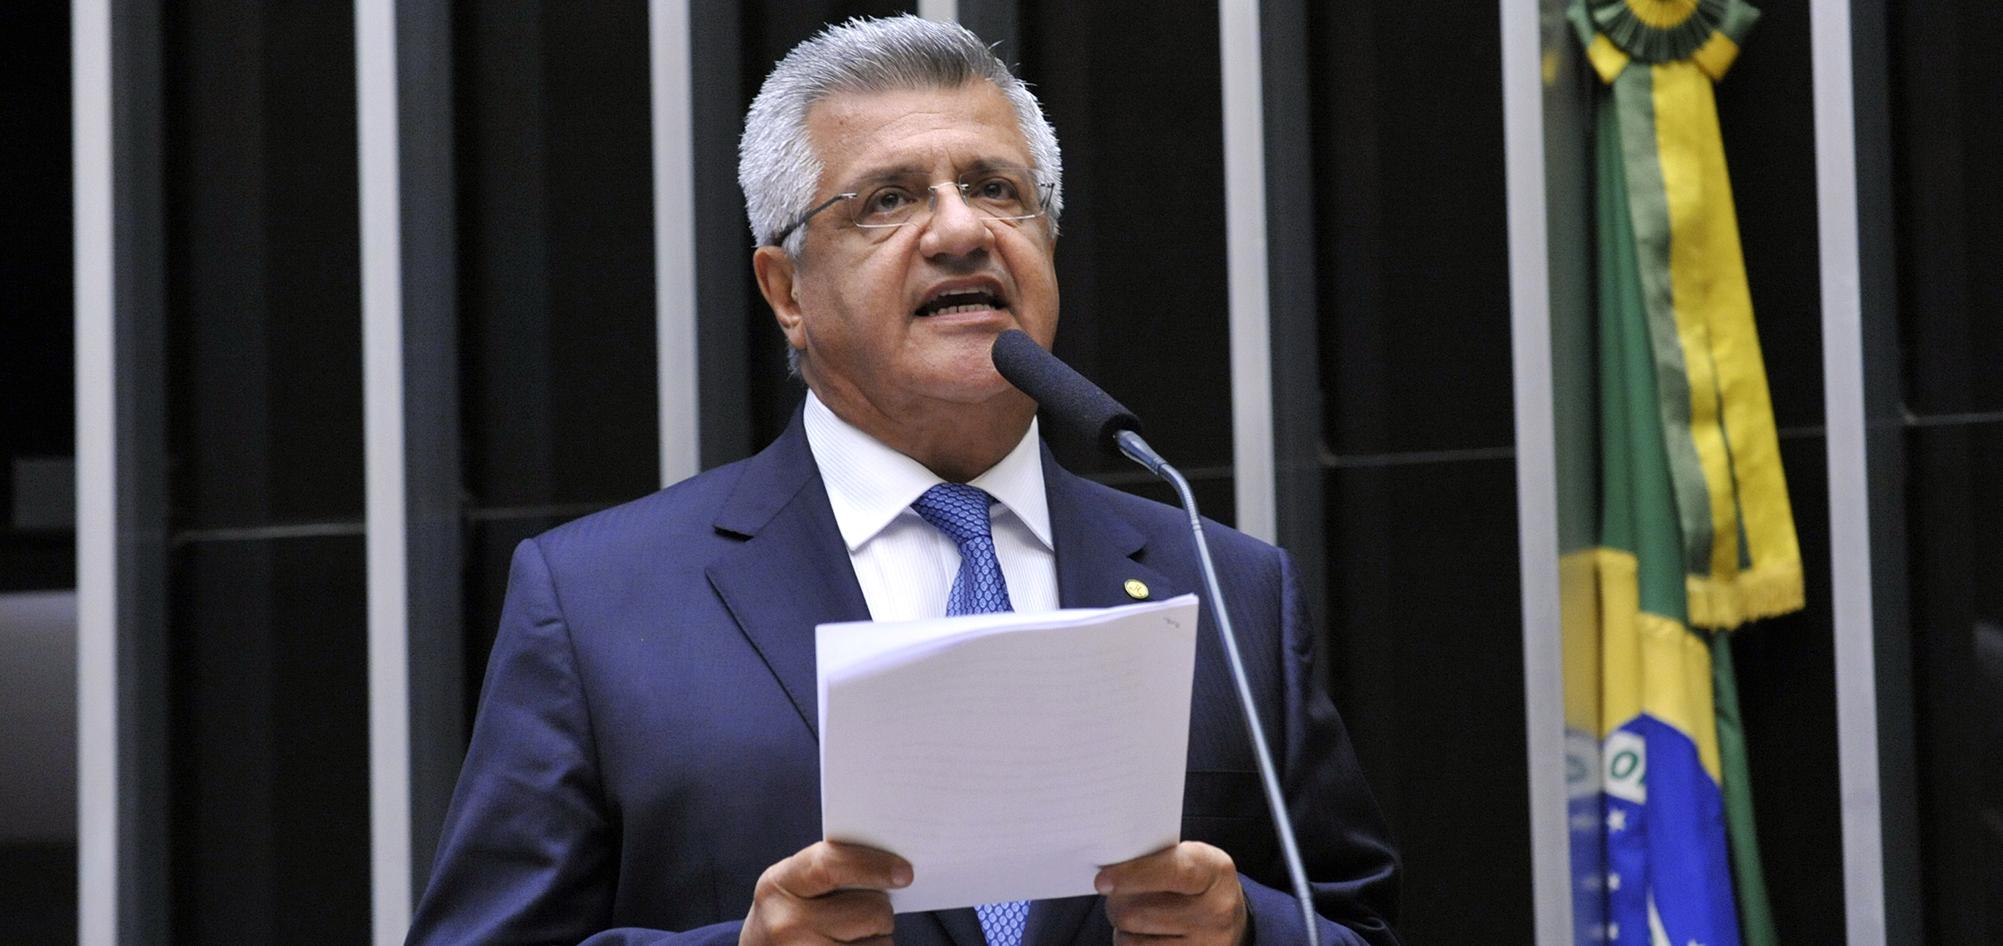 Posição da Bahia na votação do impeachment é contestada por Bacelar